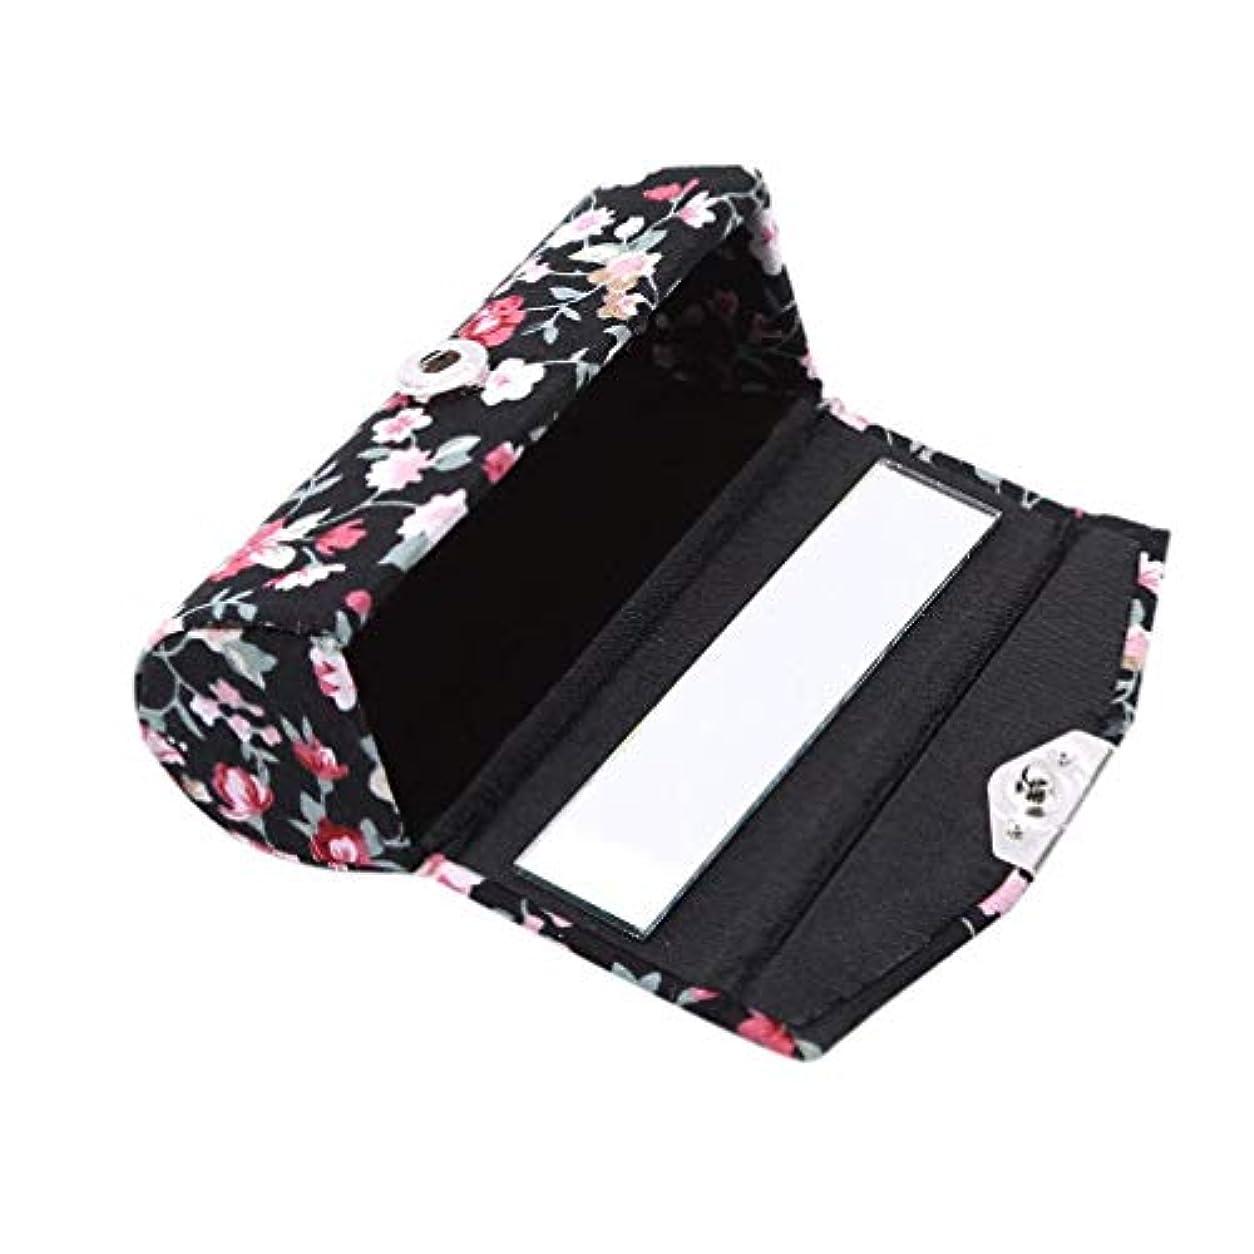 豚関数怖い1st market 口紅ケースレトロ刺繍入り花柄付きミラーリップグロスボックスジュエリー収納ボックス、ブラック高品質